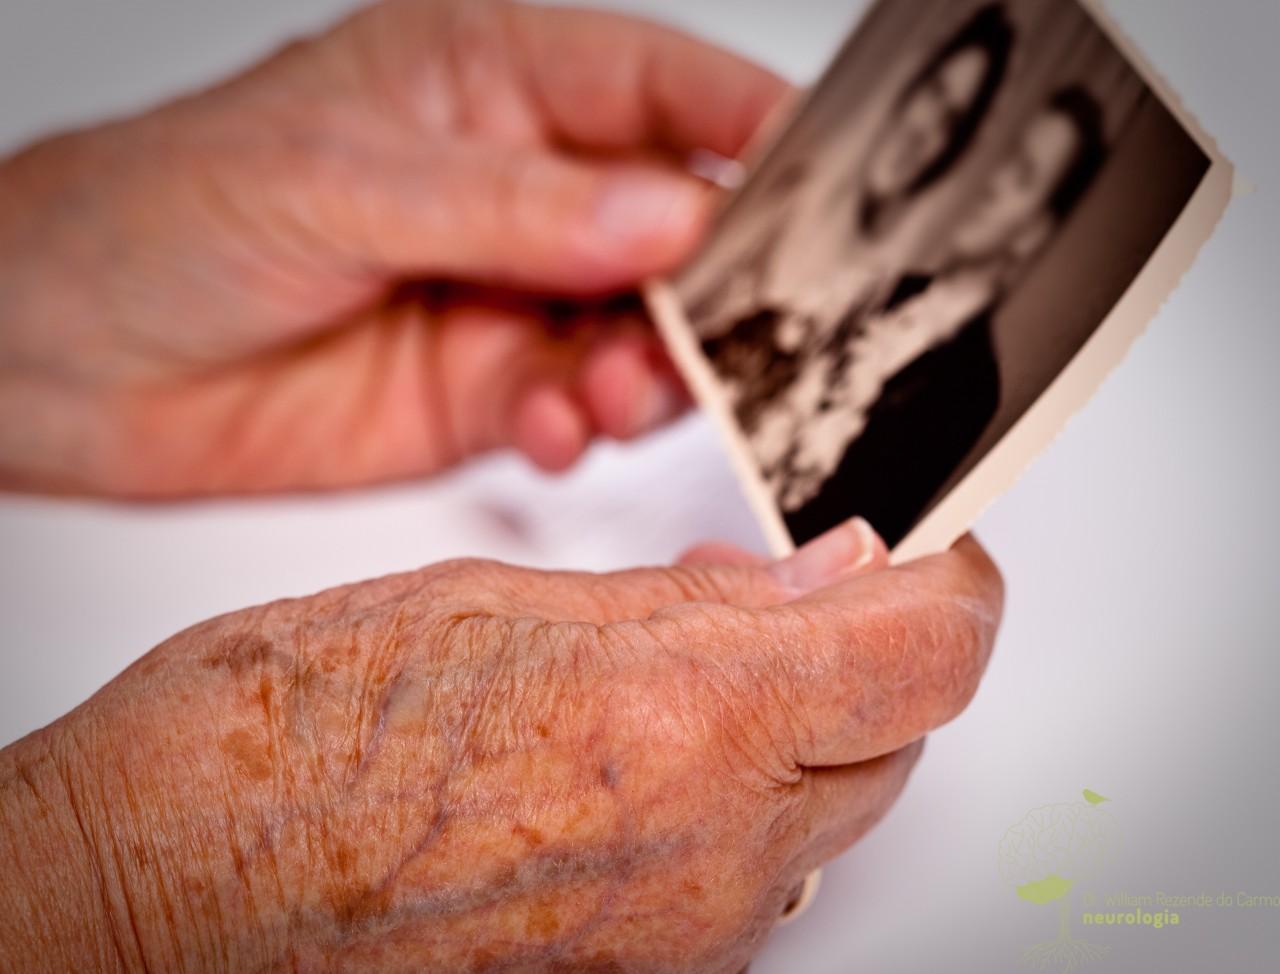 Problemas de memória em idosas podem ser sinal de demência